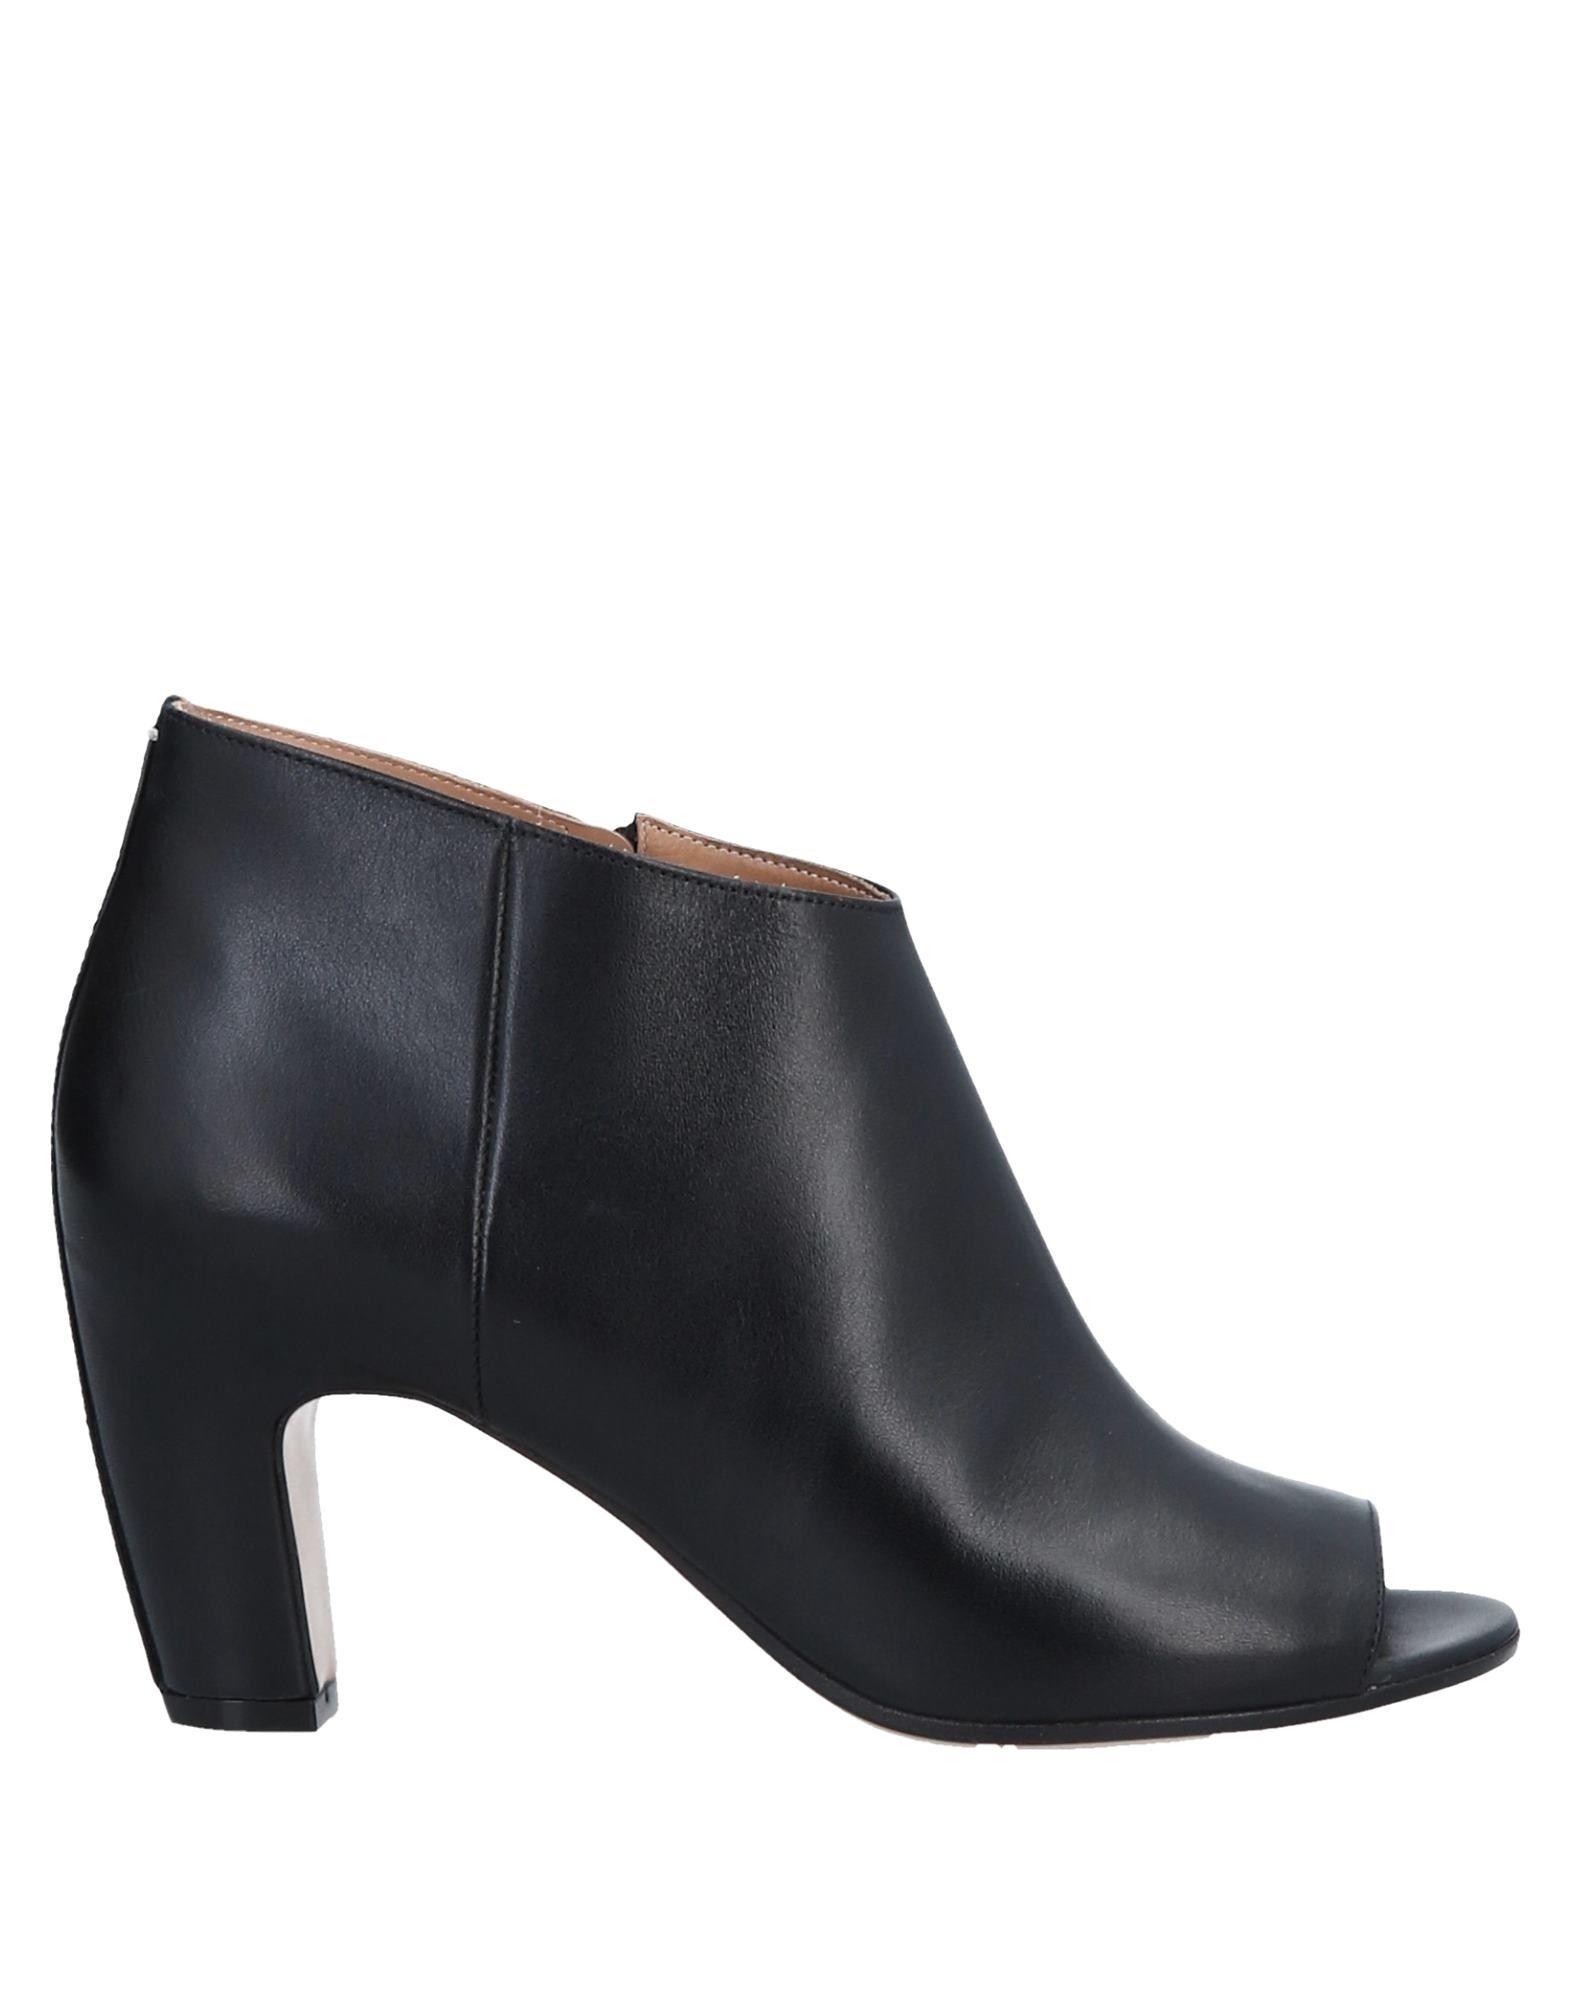 Maison Margiela Ankle Boot - Women Maison Margiela Ankle Boots - online on  Australia - Boots 11308338TR 5590df